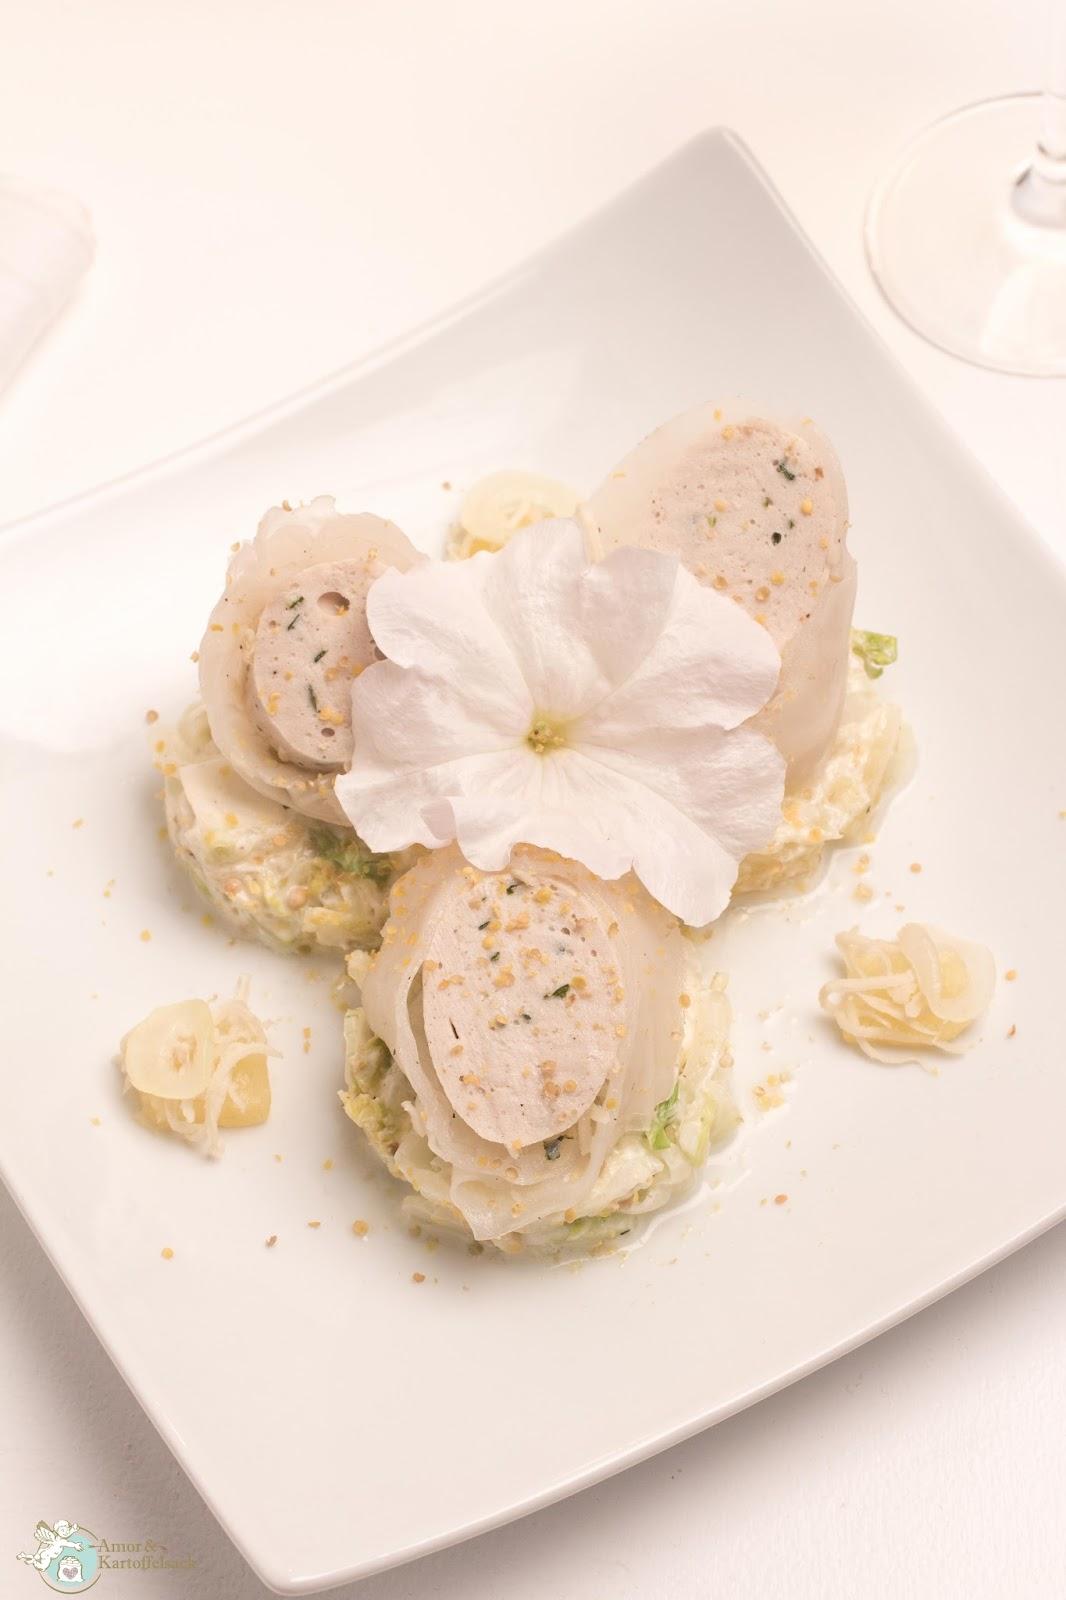 Amor&Kartoffelsack: Weißwurst asiatisch gerollt mit Ananas-Zwiebel-Salat